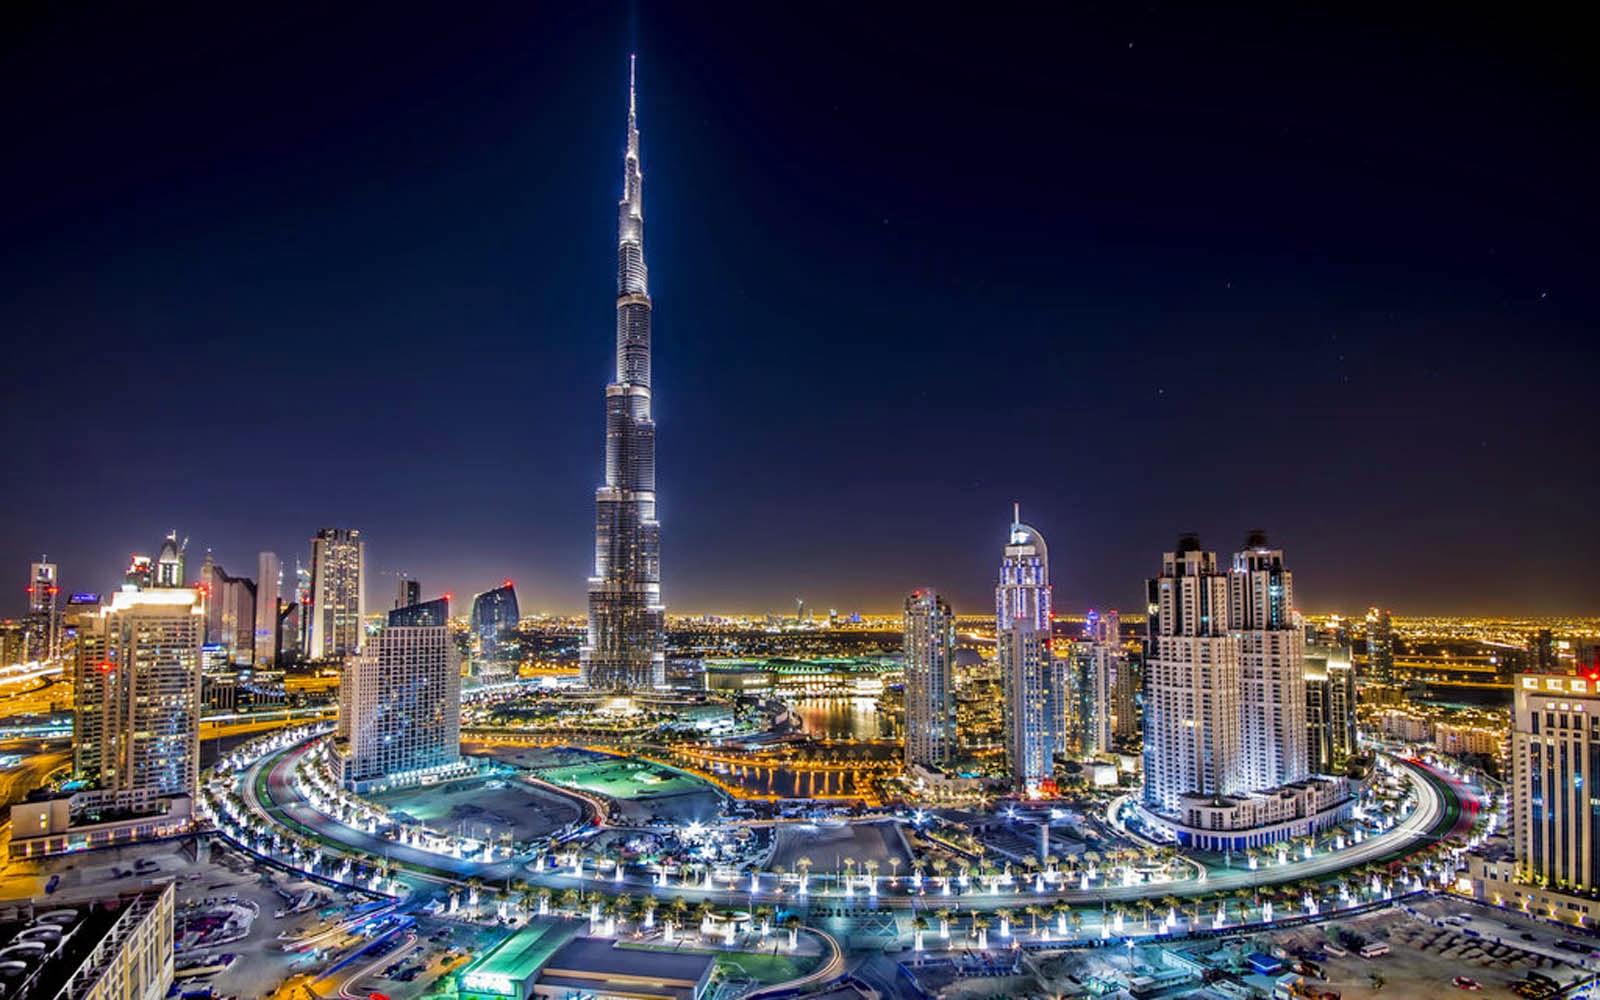 Hd wallpapers burj khalifa photos at night - Dubai burj khalifa hd wallpaper ...